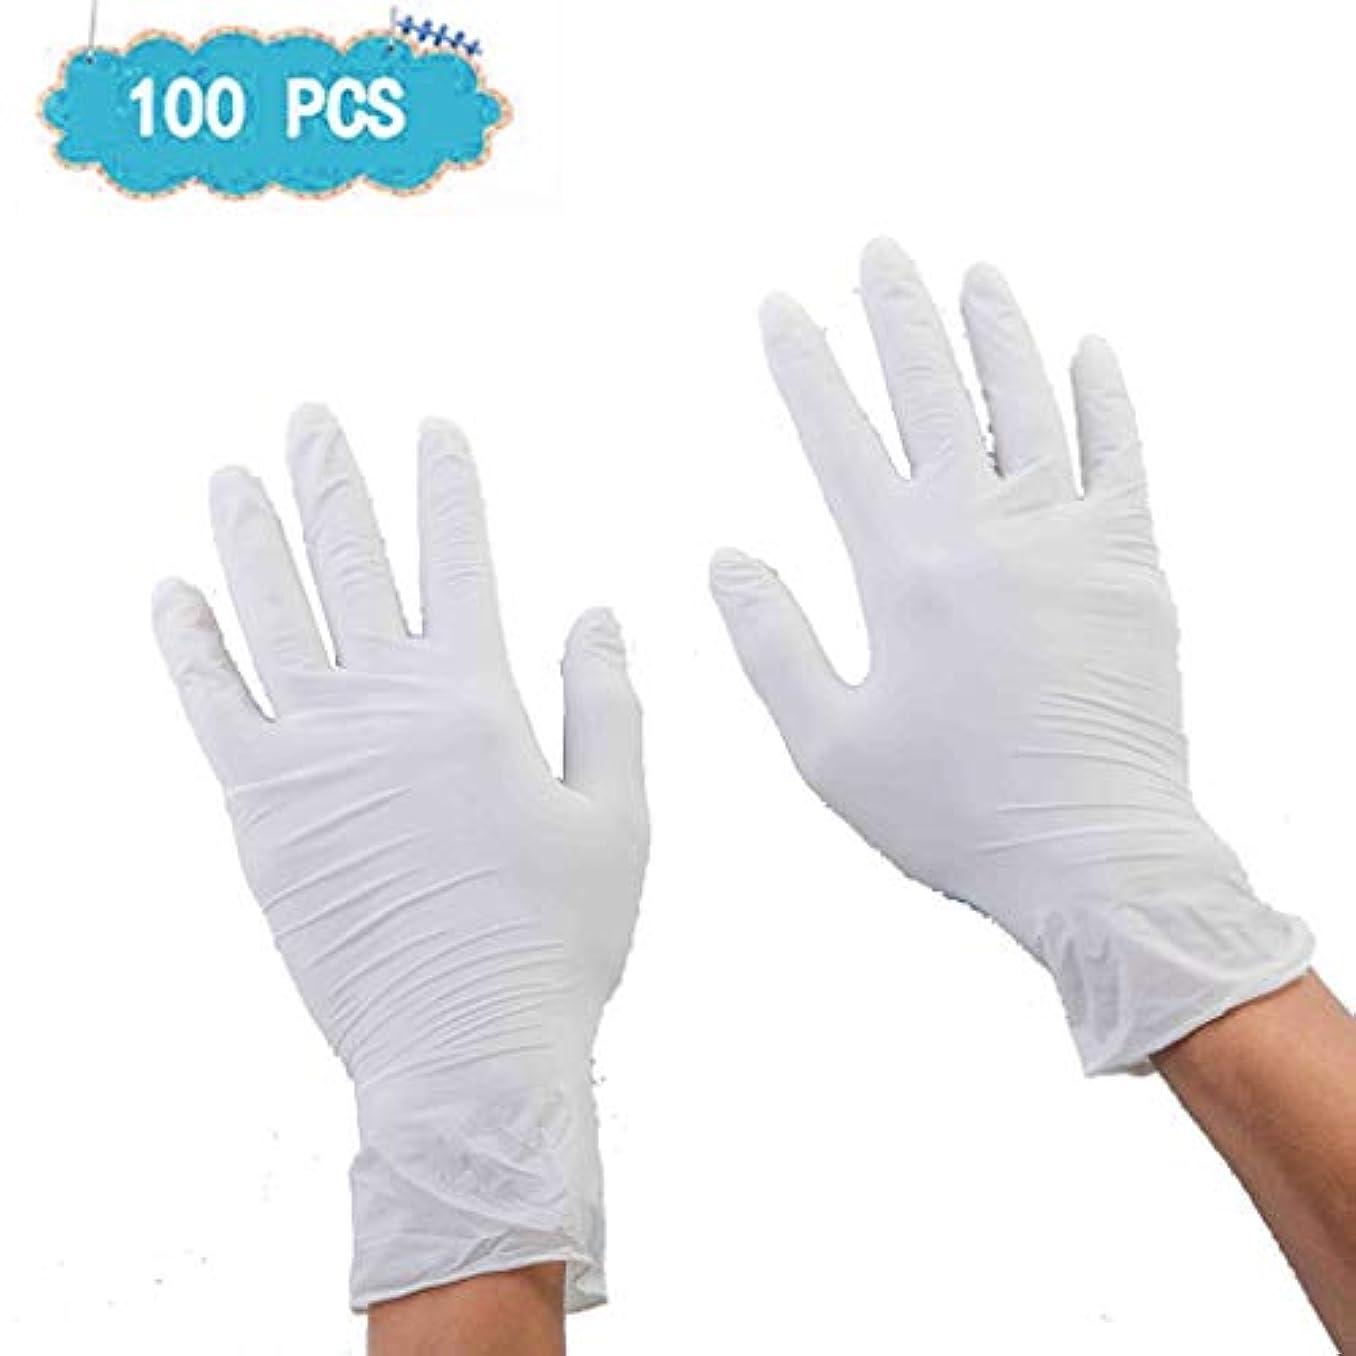 演じる対人祭りニトリル手袋、12インチ厚ゴム手袋白い手袋食品加工医療ペットケアネイルアート検査保護実験、美容サロンラテックスフリー、、 100個 (Size : L)